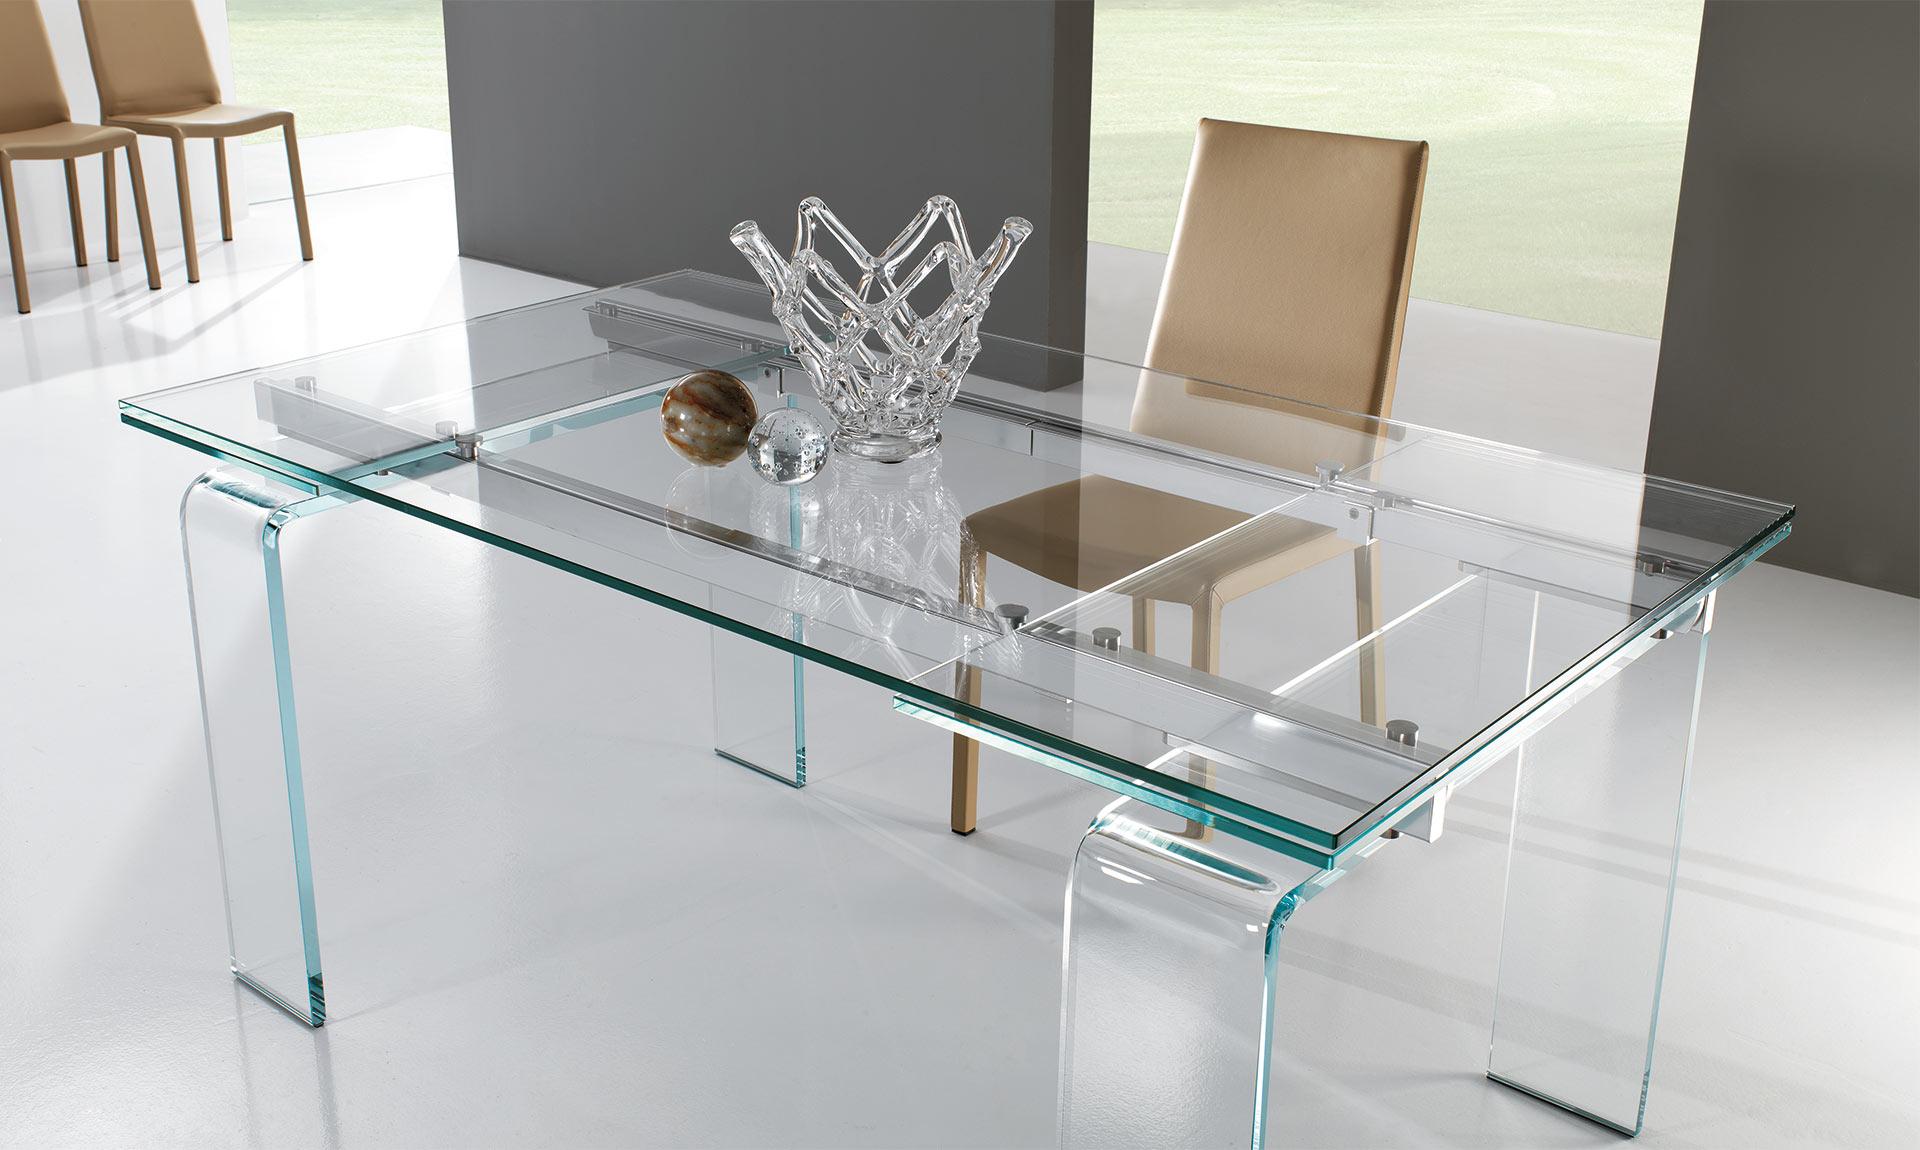 Tavolo in cristallo plano meroni arreda for Riflessi tavoli e sedie